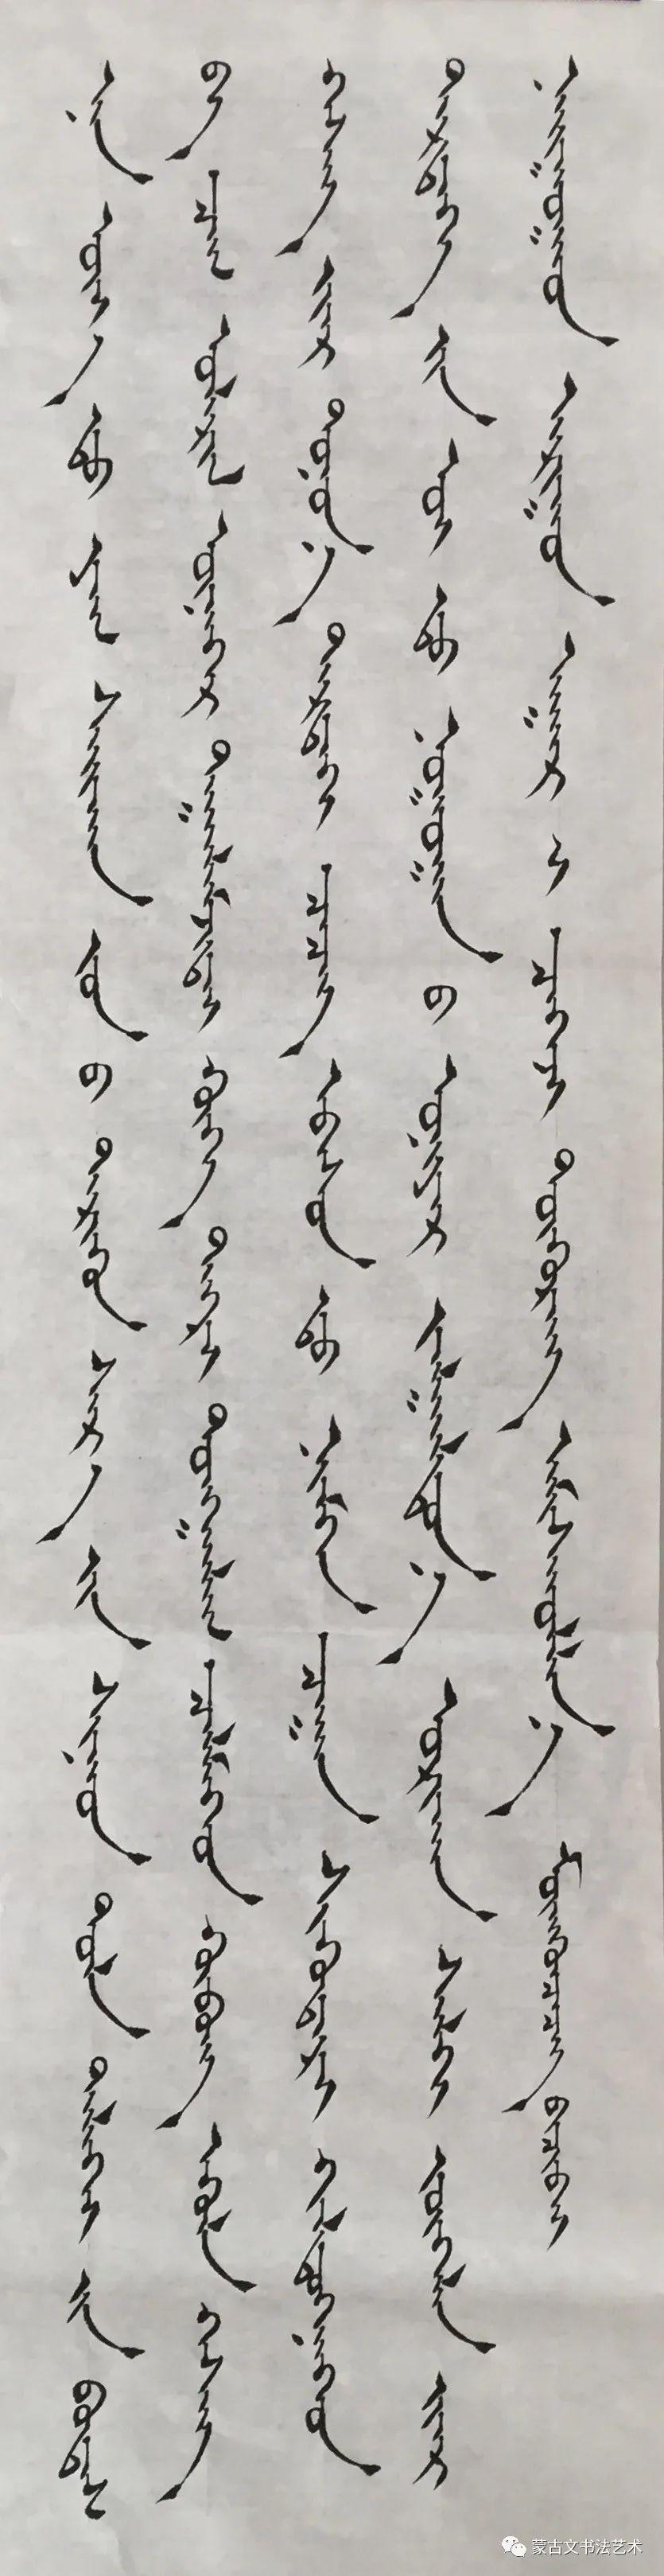 孟根其其格蒙古文书法(二) 第19张 孟根其其格蒙古文书法(二) 蒙古书法